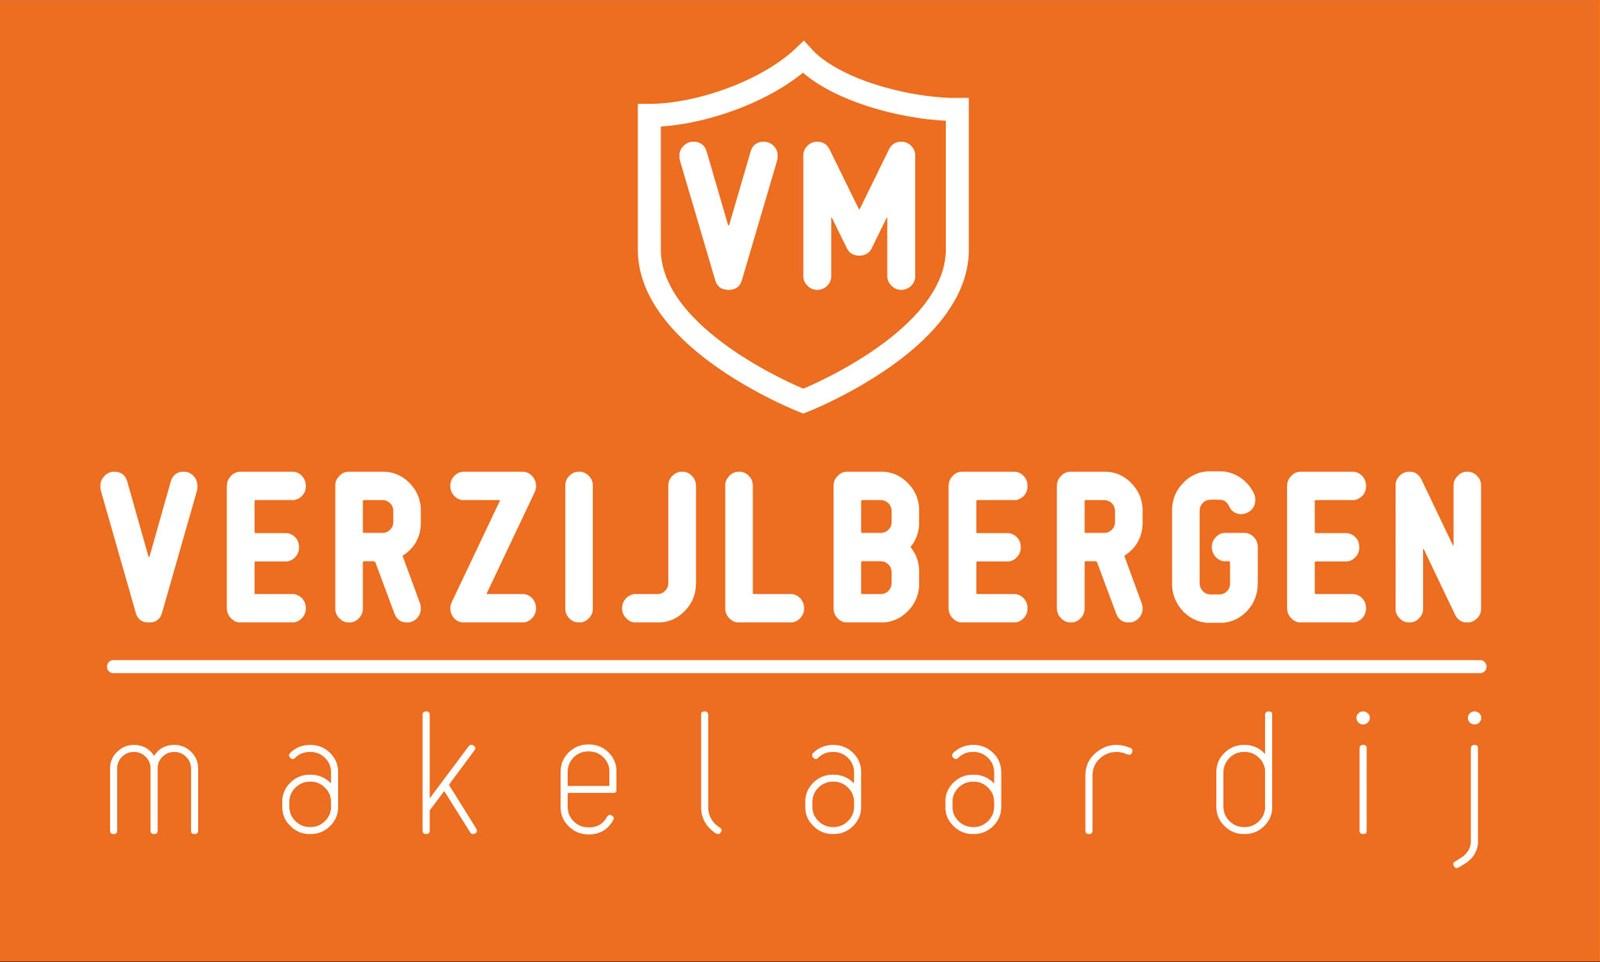 Logo van Verzijlbergen Makelaardij